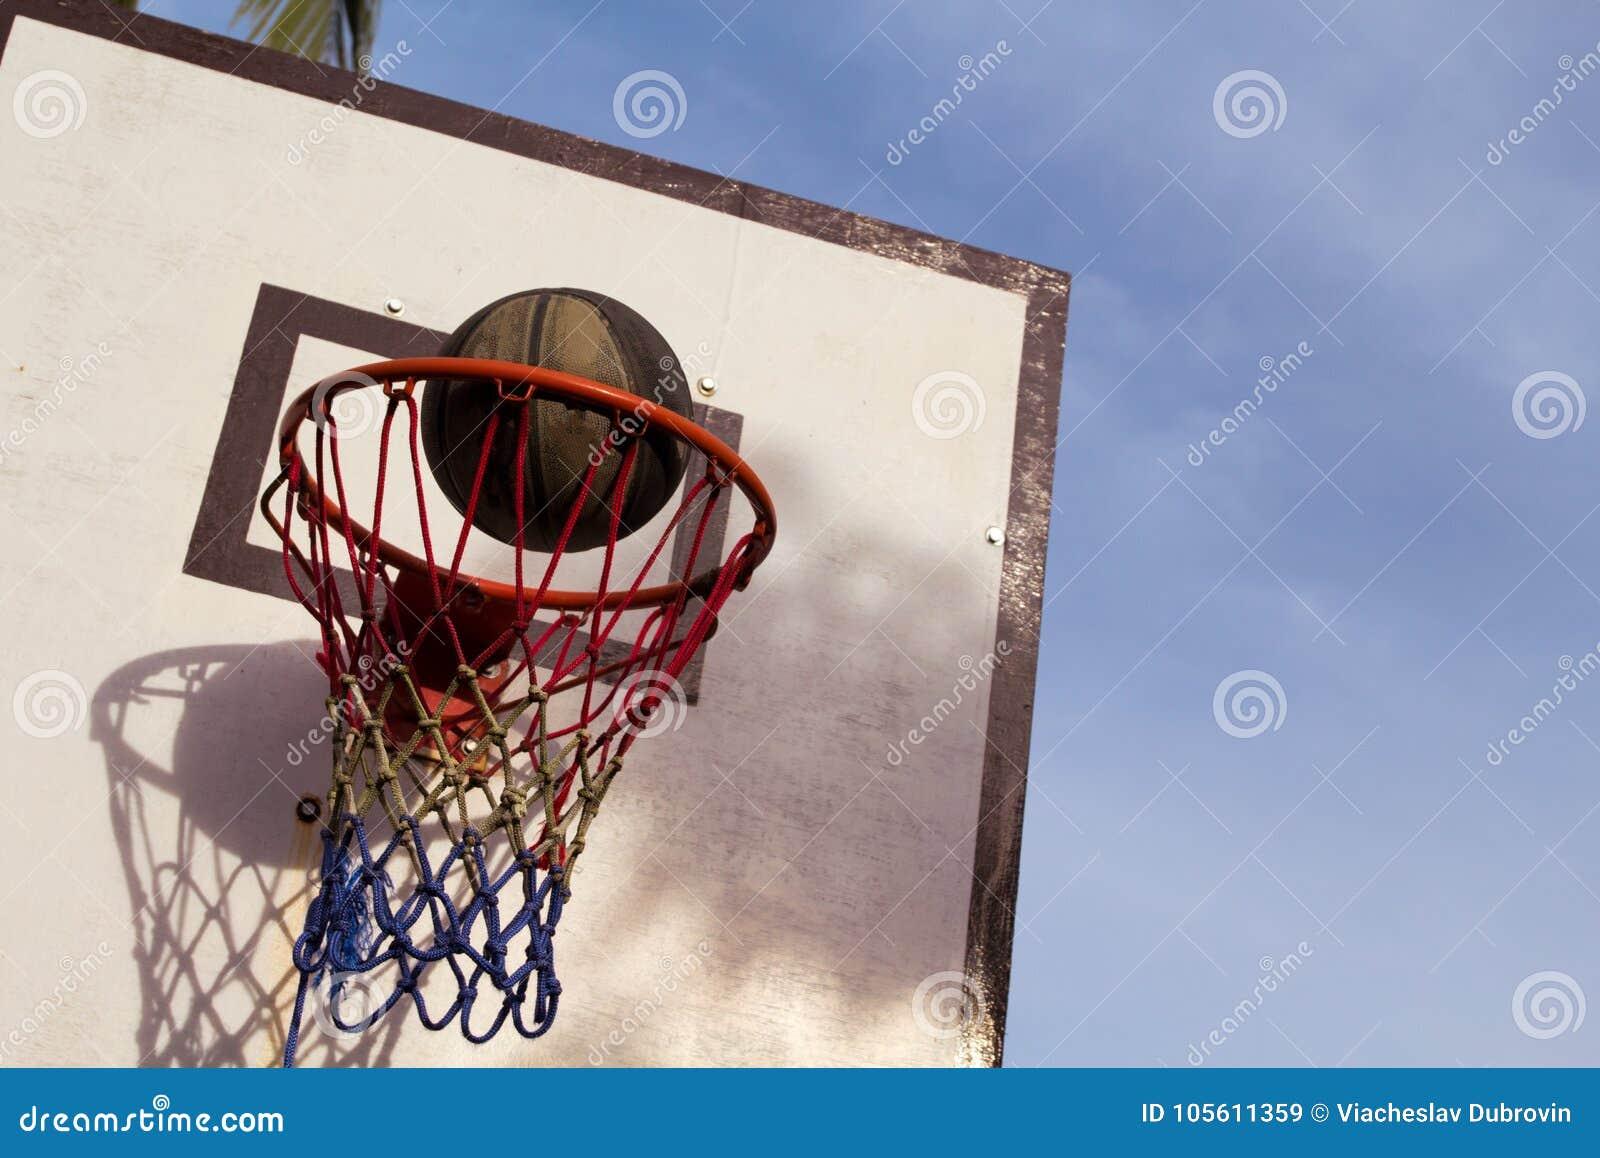 Utomhus- utrustning för basketmatch Korg och boll Exakt bollkast i korg